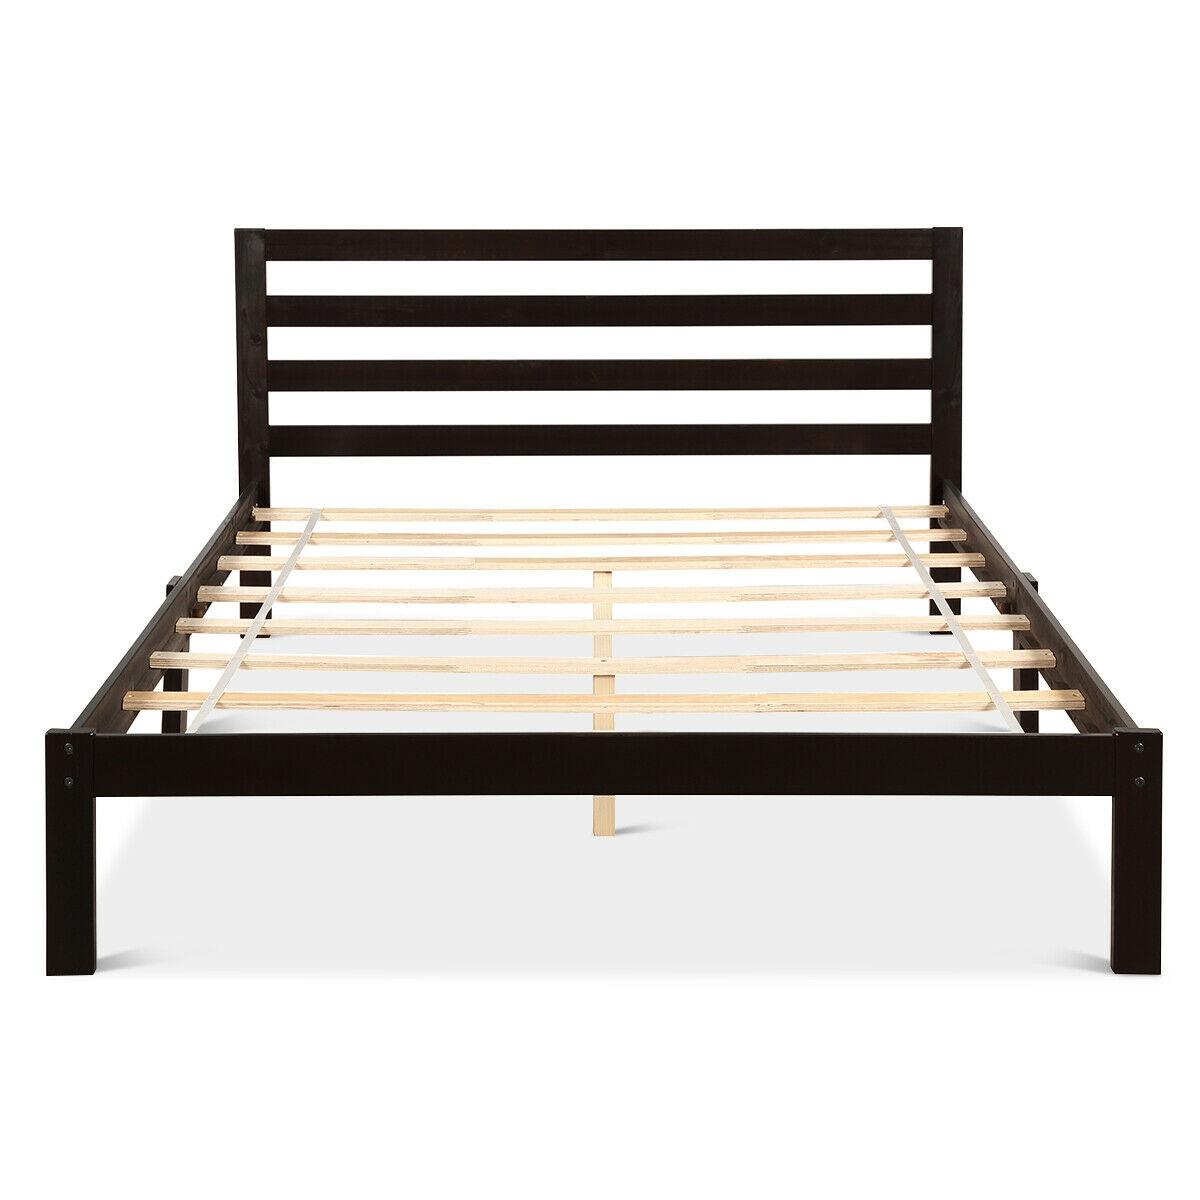 Solid Wood Platform Bed Wood Slat Support Queen Size Bed Frame